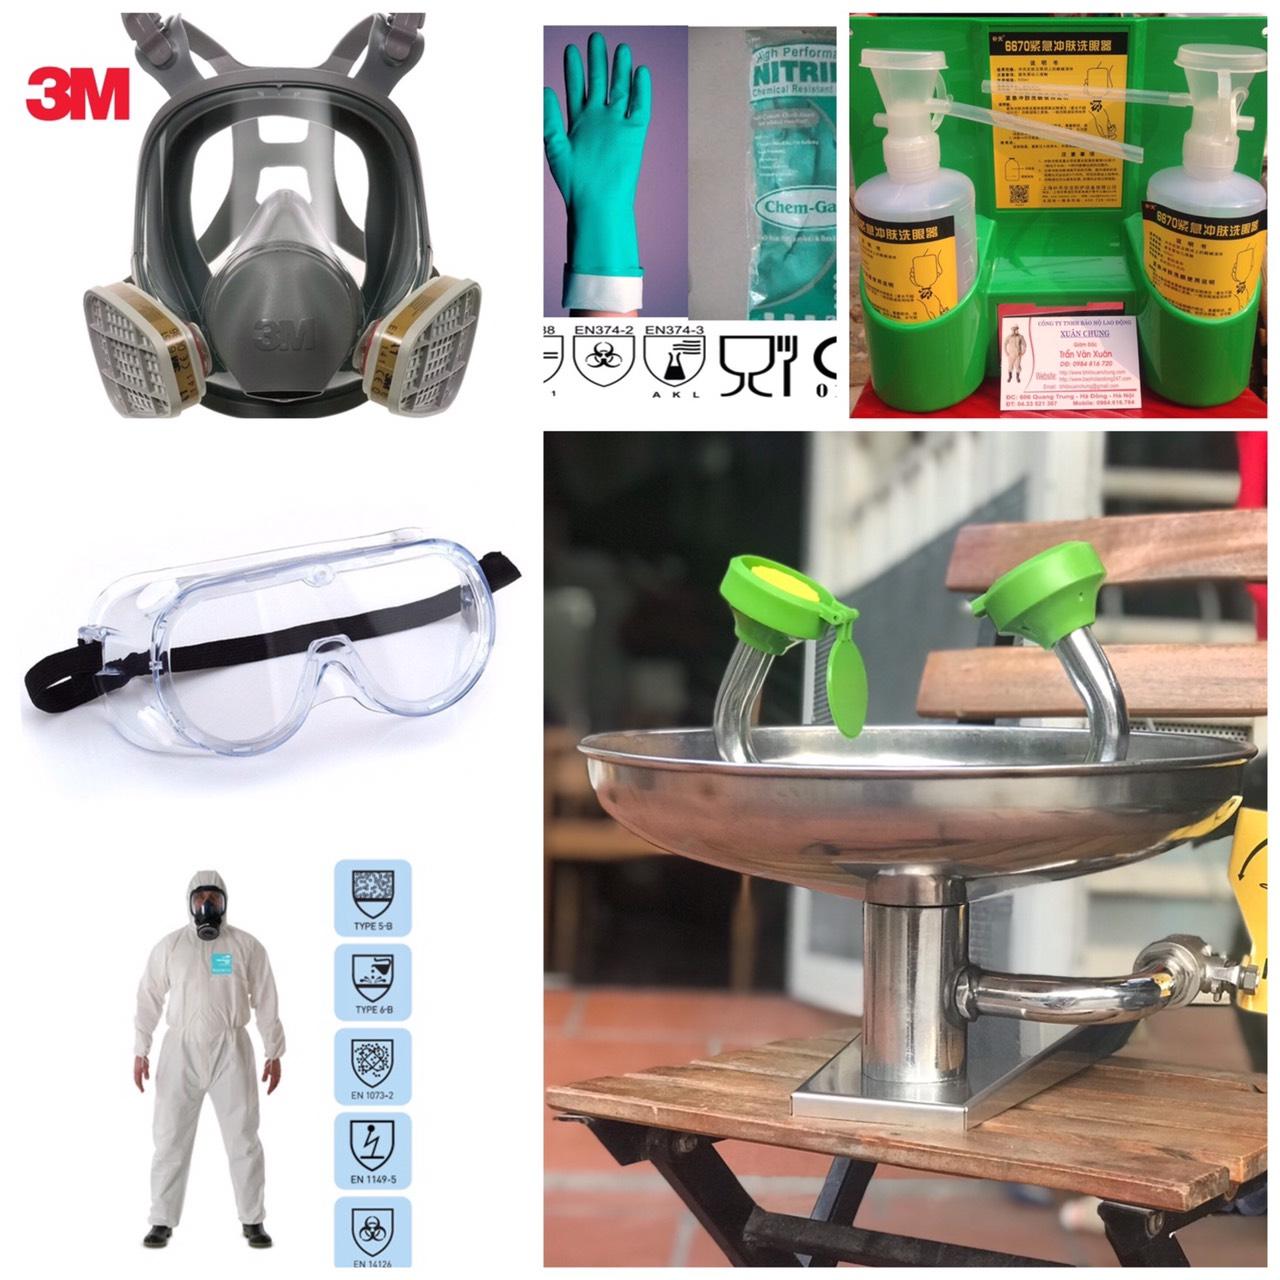 thiết bị chống hóa chất